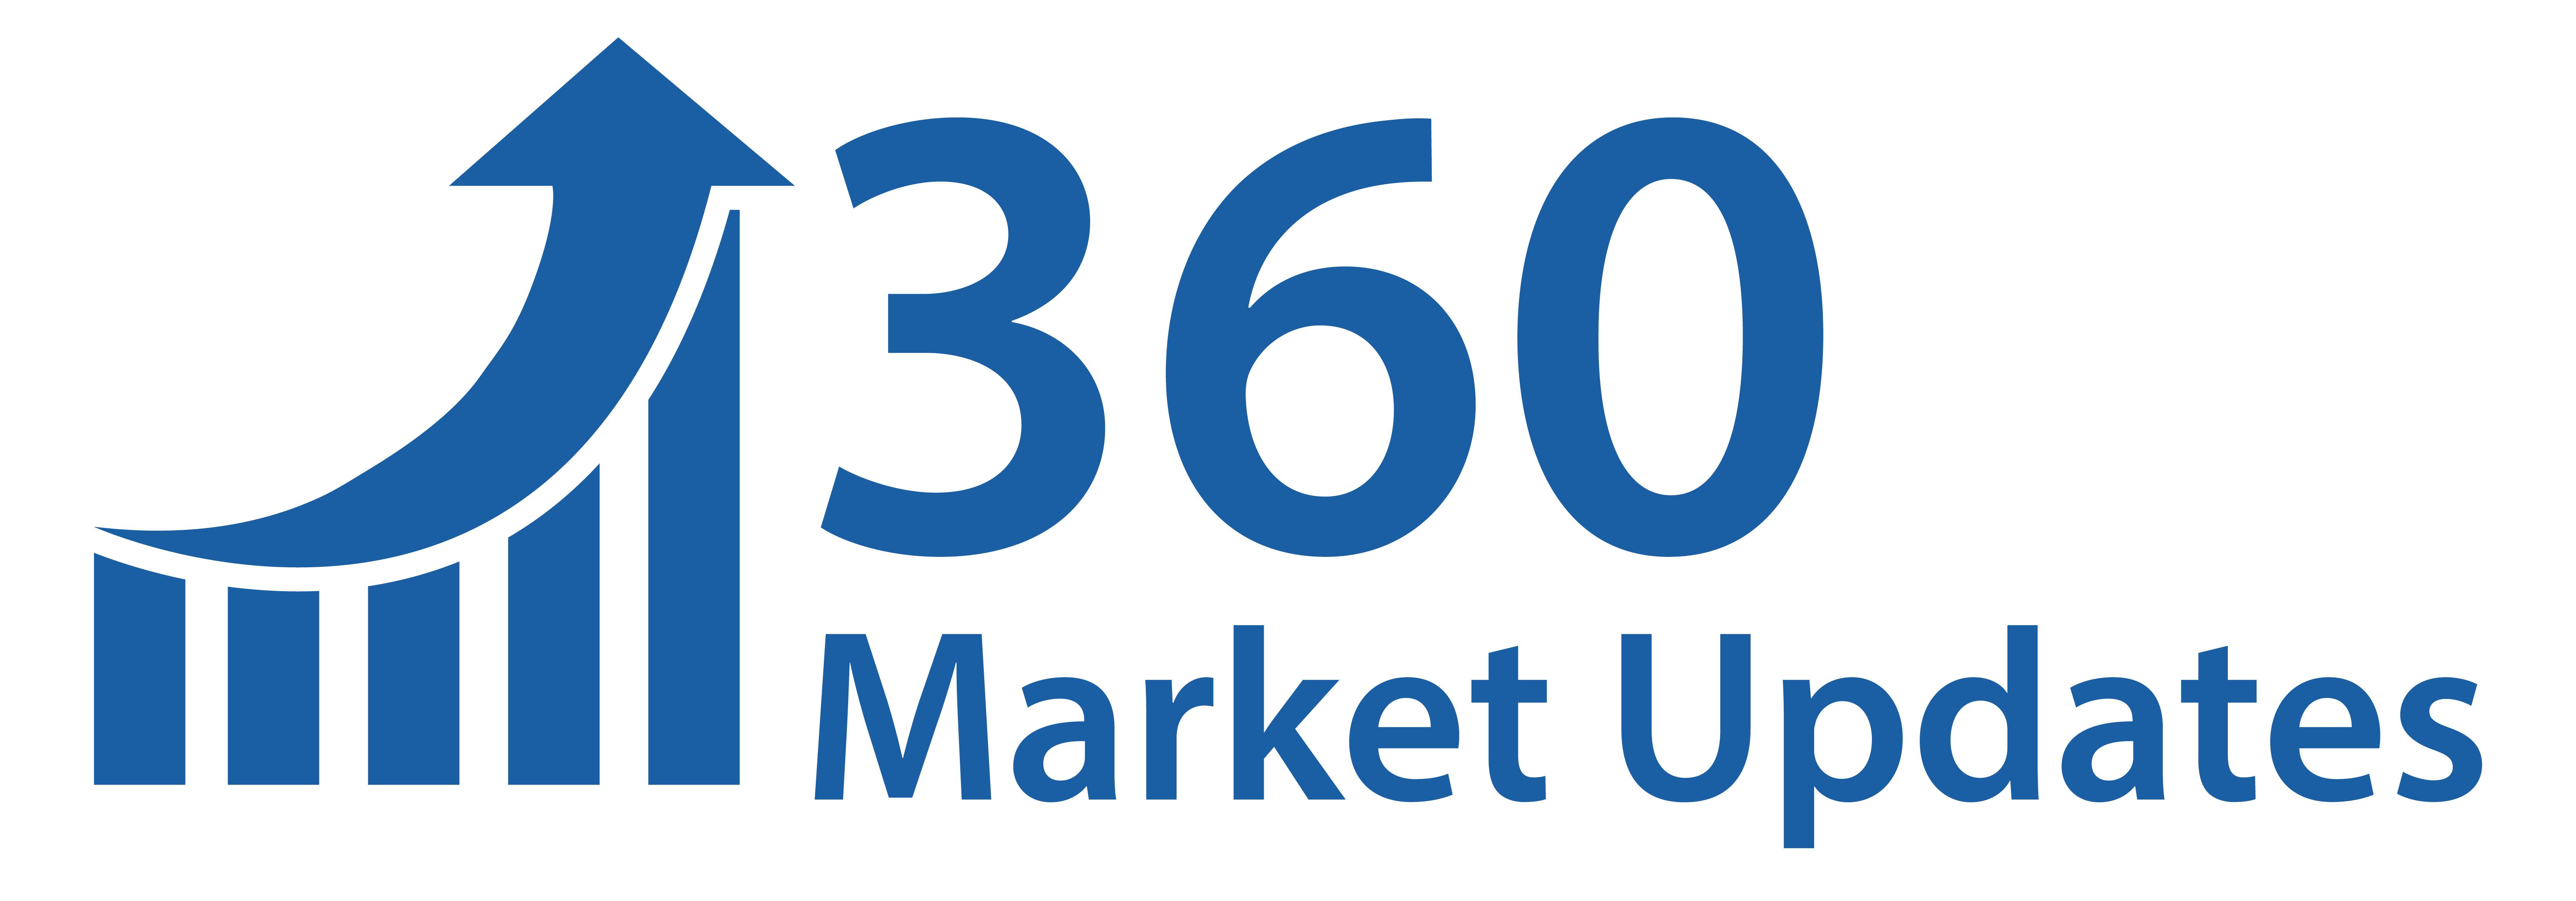 Zweirad-Traktoren Markt 2020 Branchengröße, Zukunftstrends, Wachstumsschlüsselfaktoren, Nachfrage, Unternehmensanteil, Umsatz & Einkommen, Hersteller-Player, Anwendung, Umfang und Chancenanalyse nach Outlook – 2025